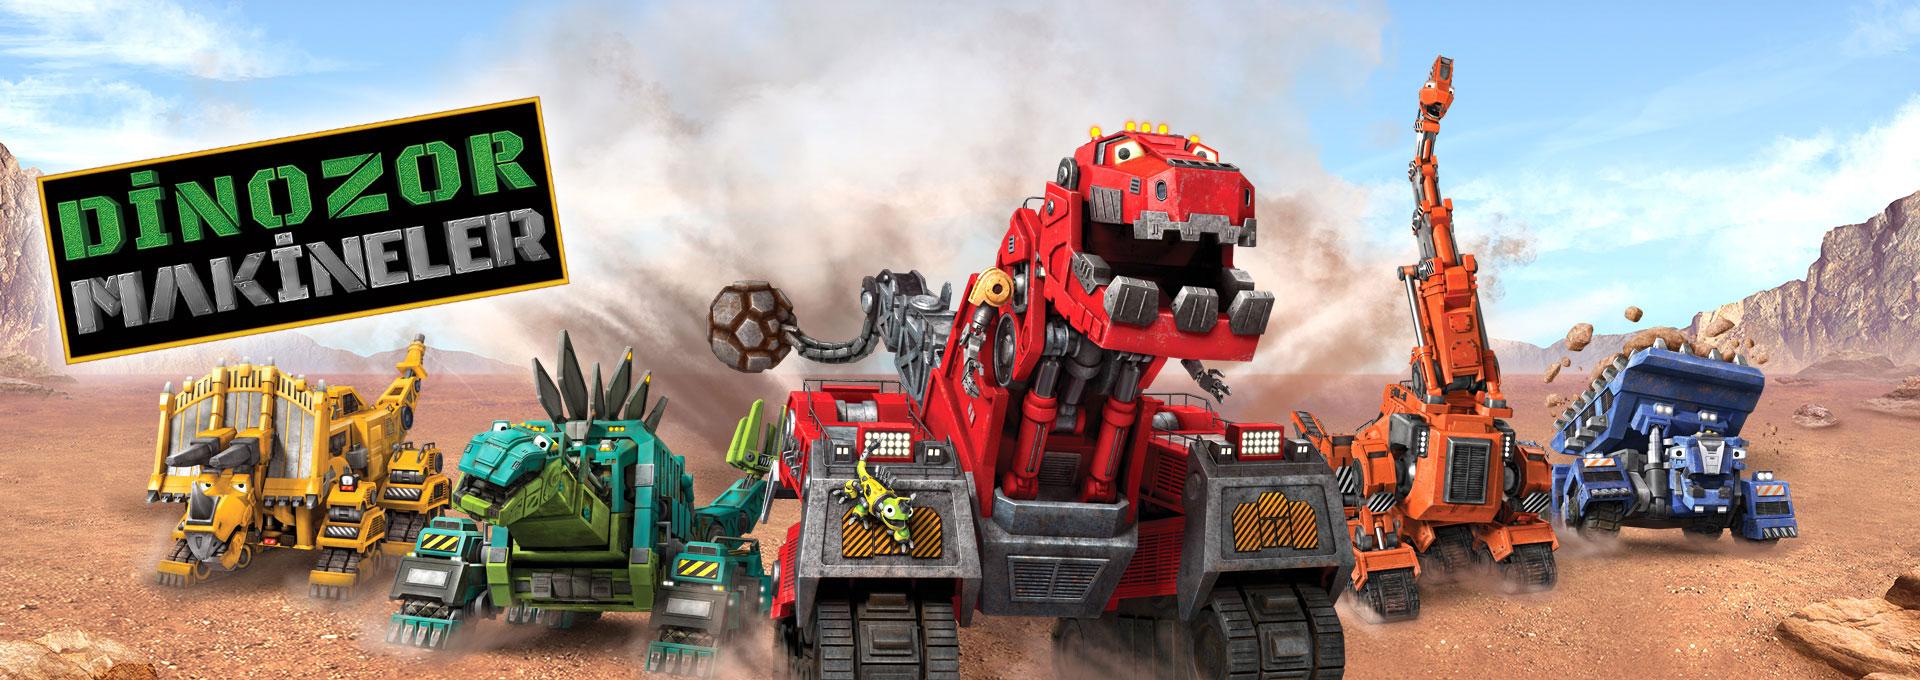 Dinozor Makineler Programlar Trt Cocuk